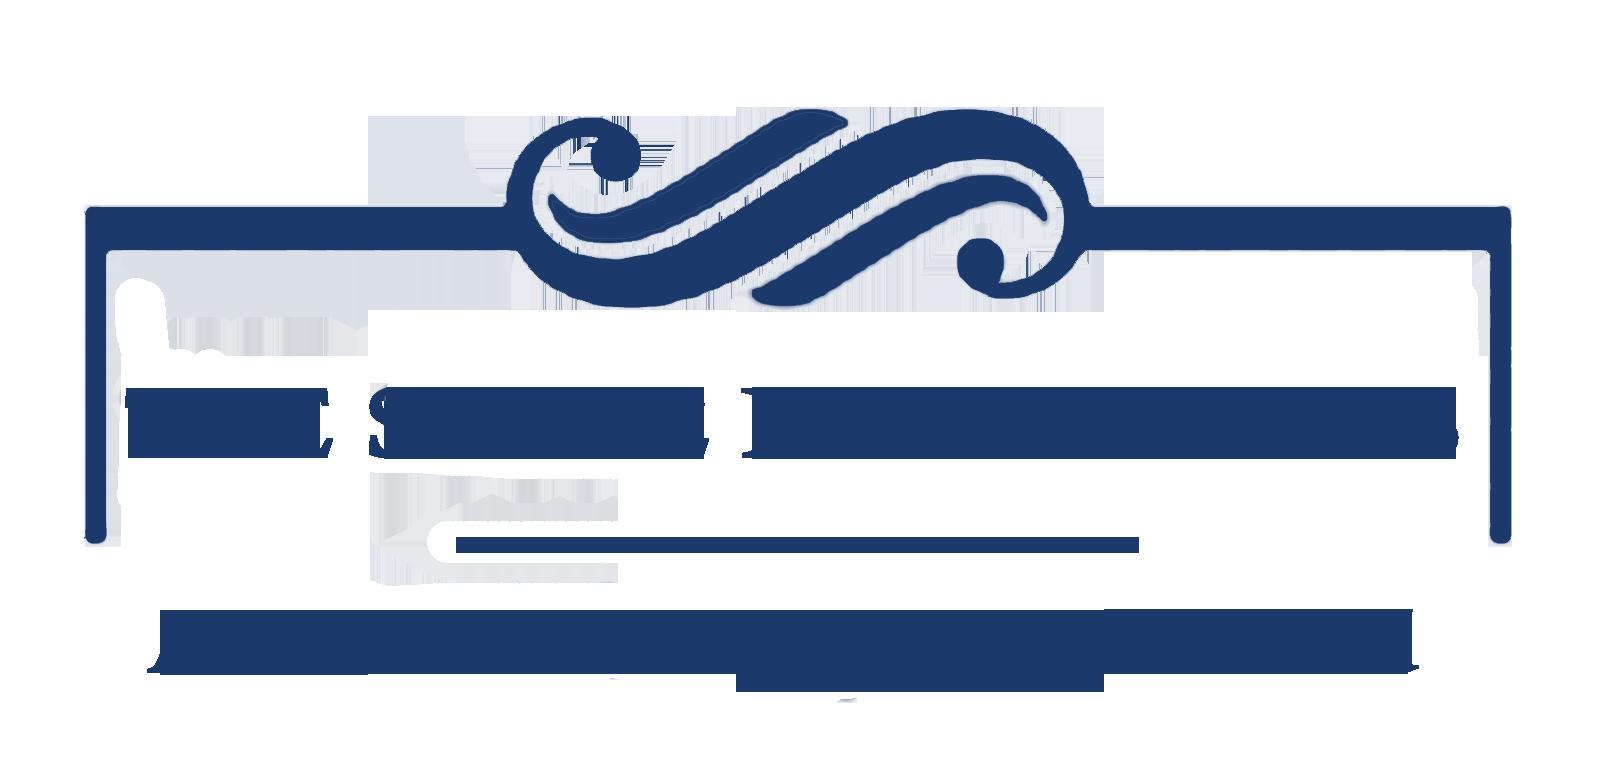 Shree Stone & Minerals Industries